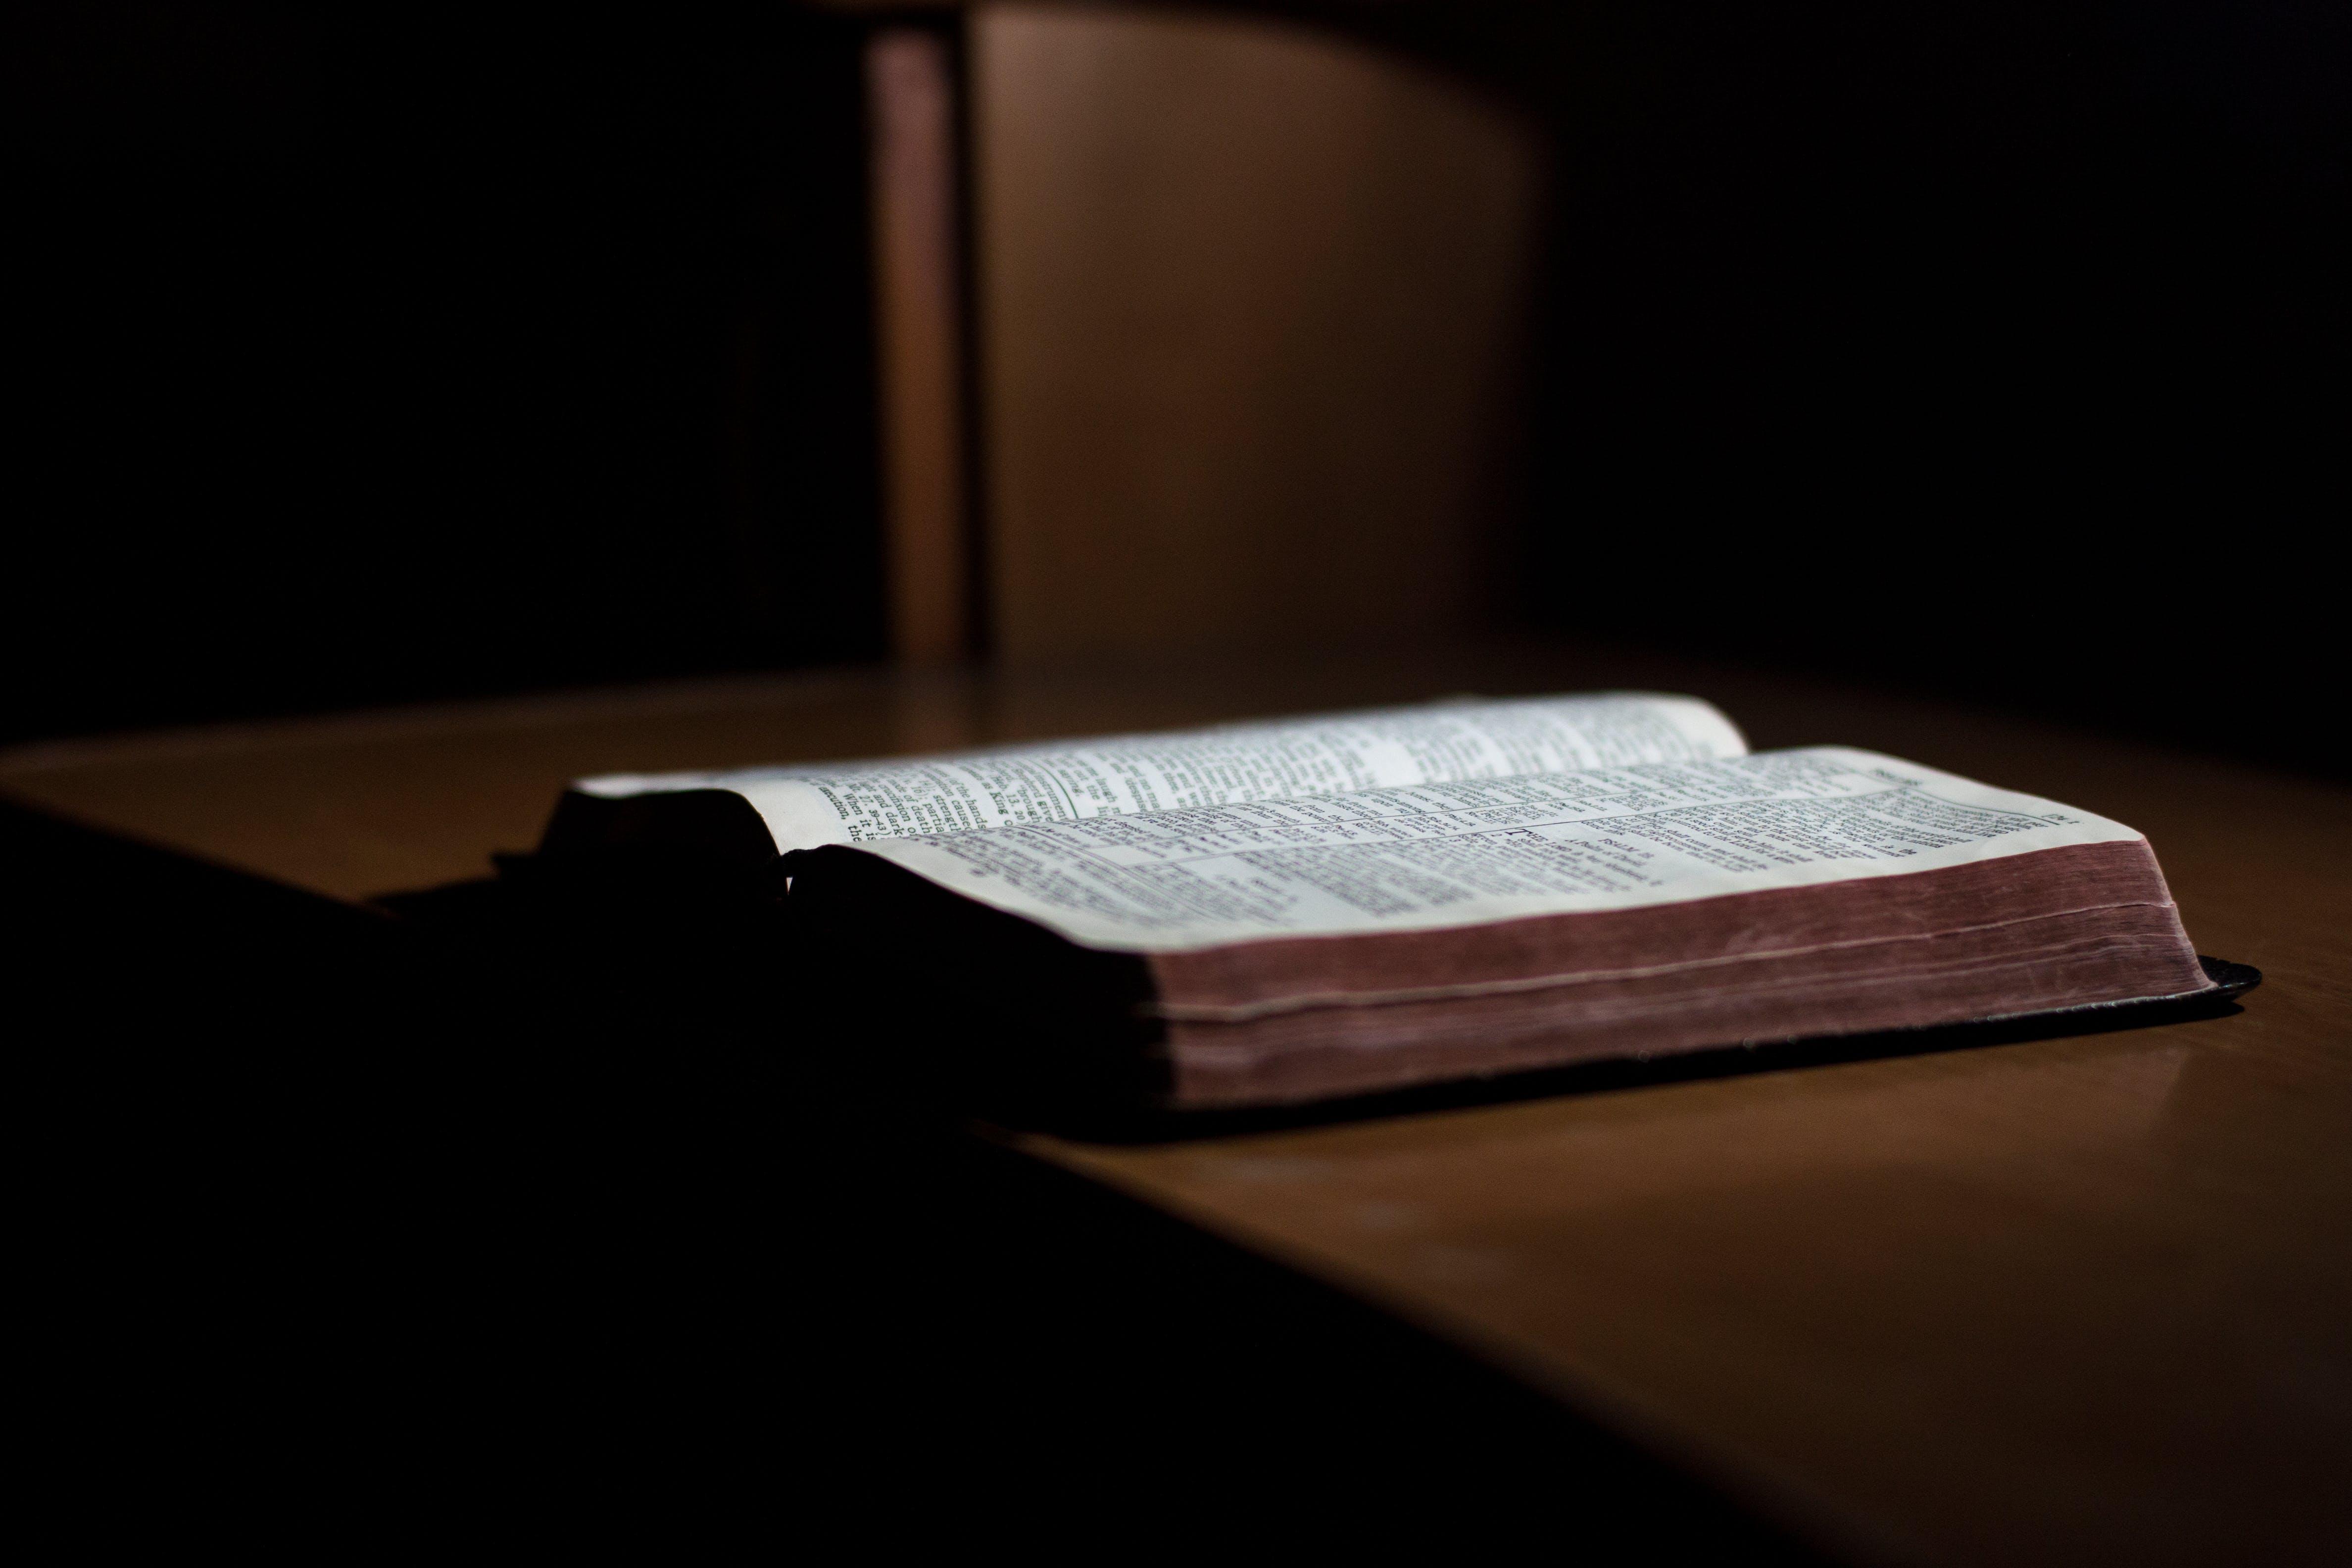 Foto profissional grátis de Bíblia, cômodo, cristandade, cristão